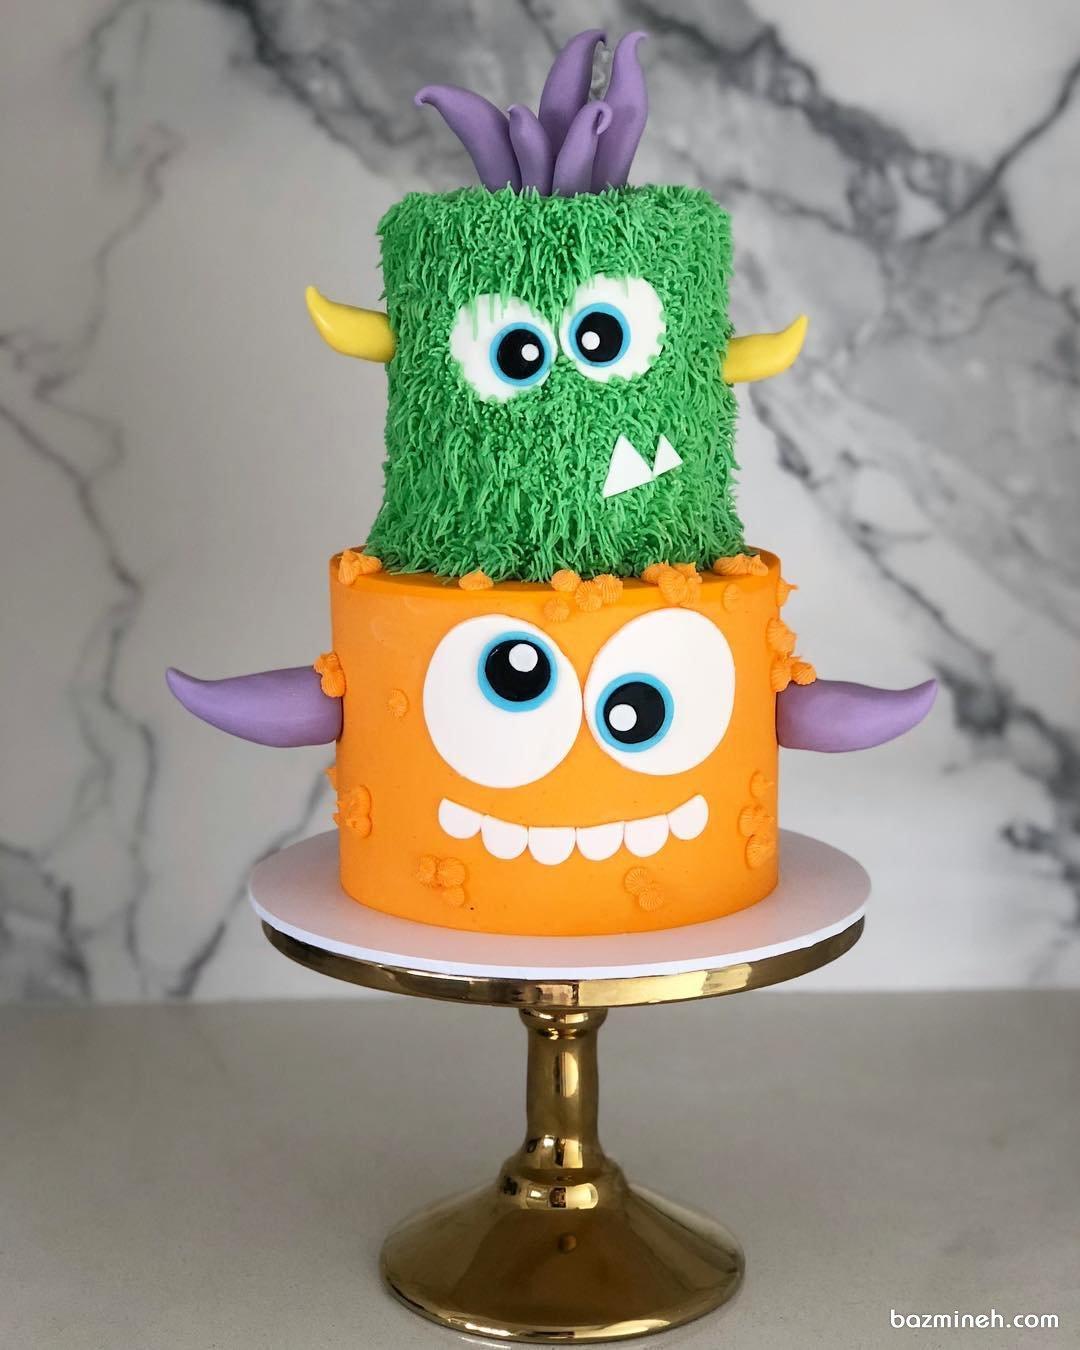 کیک بامزه جشن تولد کودک با تم میکروب ها